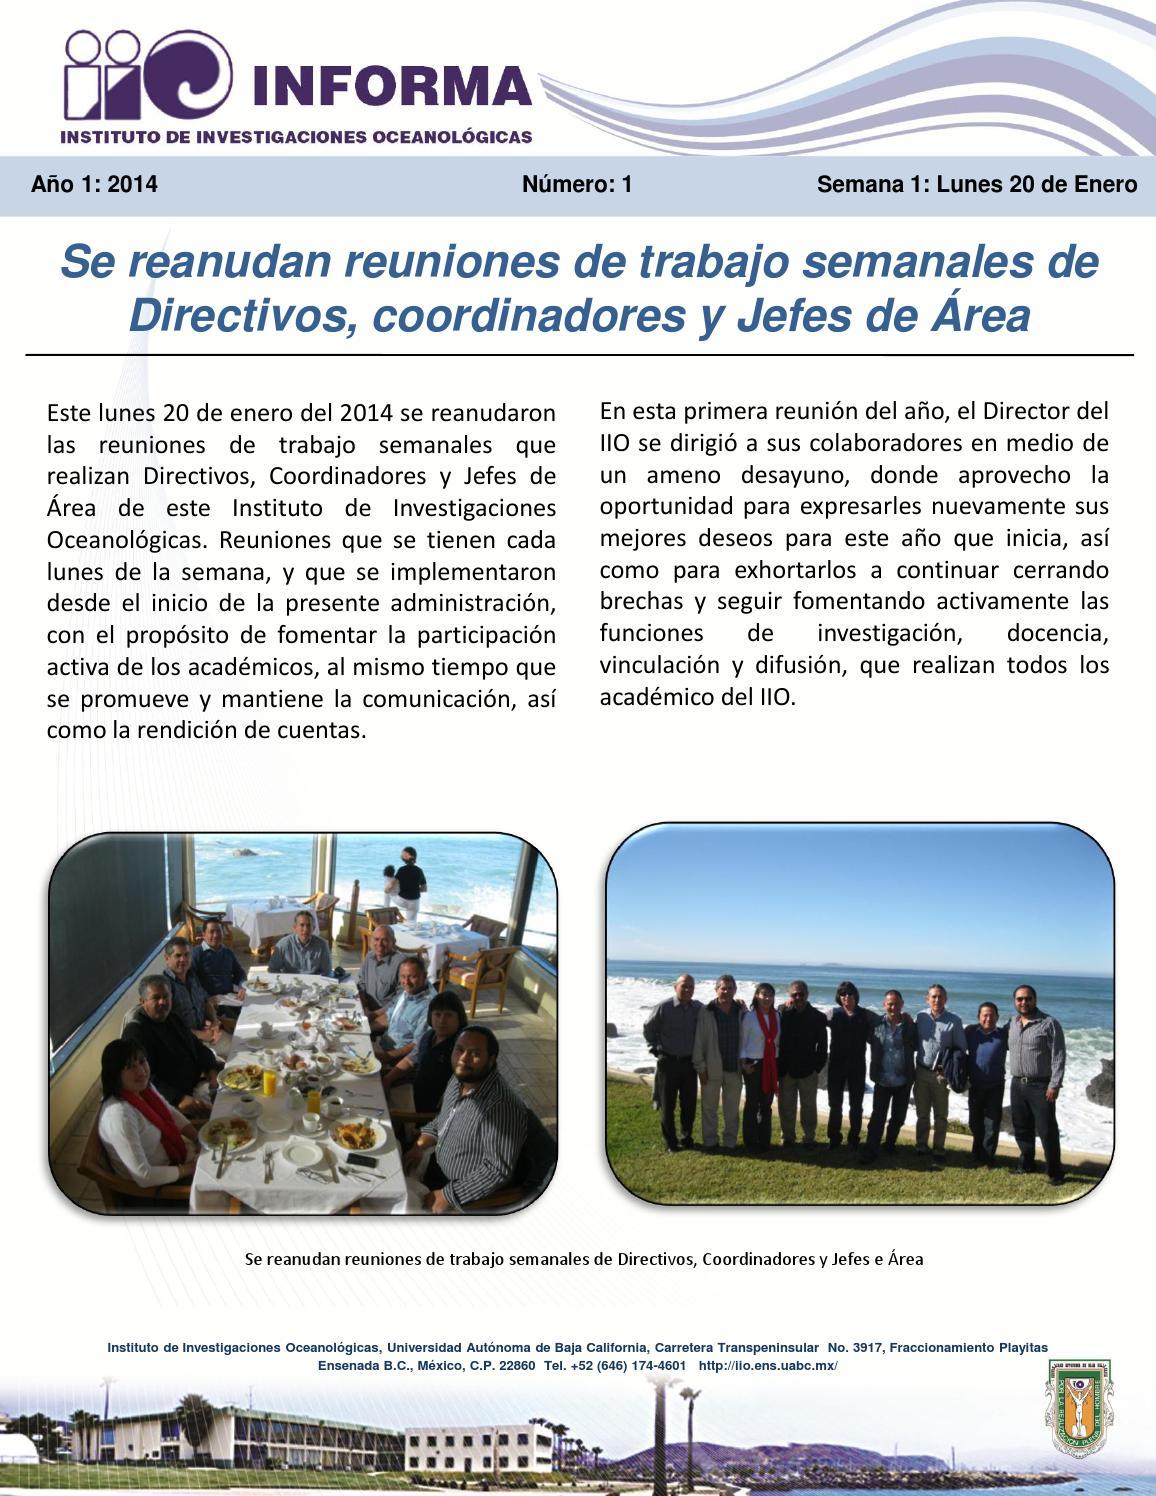 IIO Informa 2014 by Instituto de Investigaciones Oceanologicas - issuu